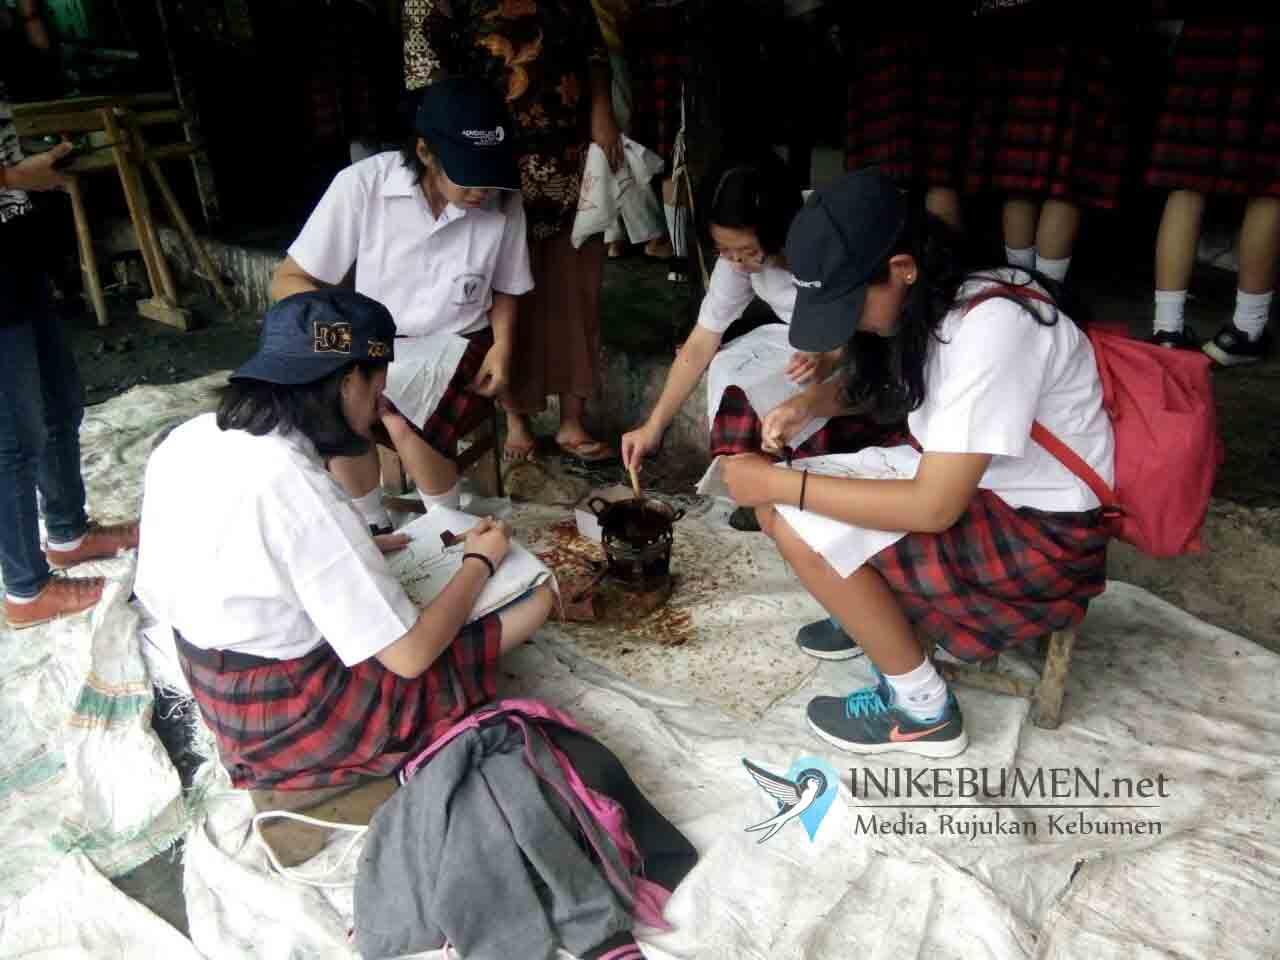 Siswa SMA Tarakanita Tangerang Studi Lapangan di Alun-alun Kebumen